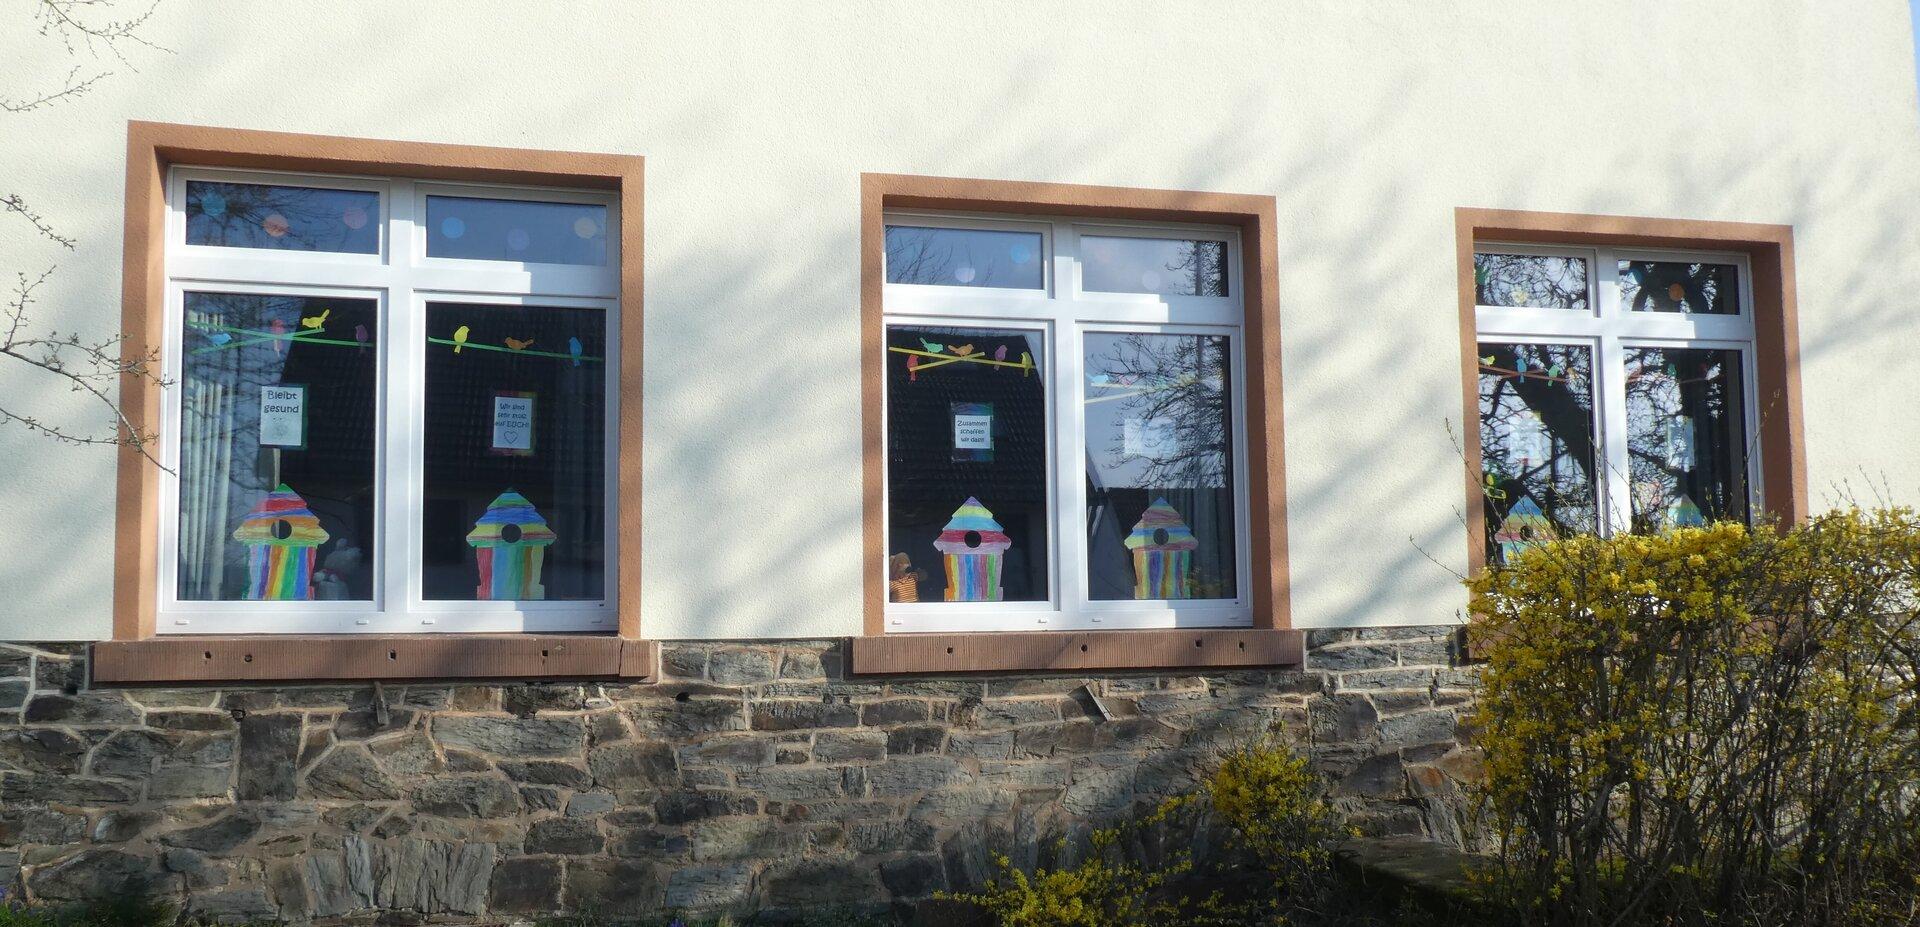 K7_Fenster_in_der_Coronazeit_-_M_rz_2020_-_Schuljahr_2019-20_15_